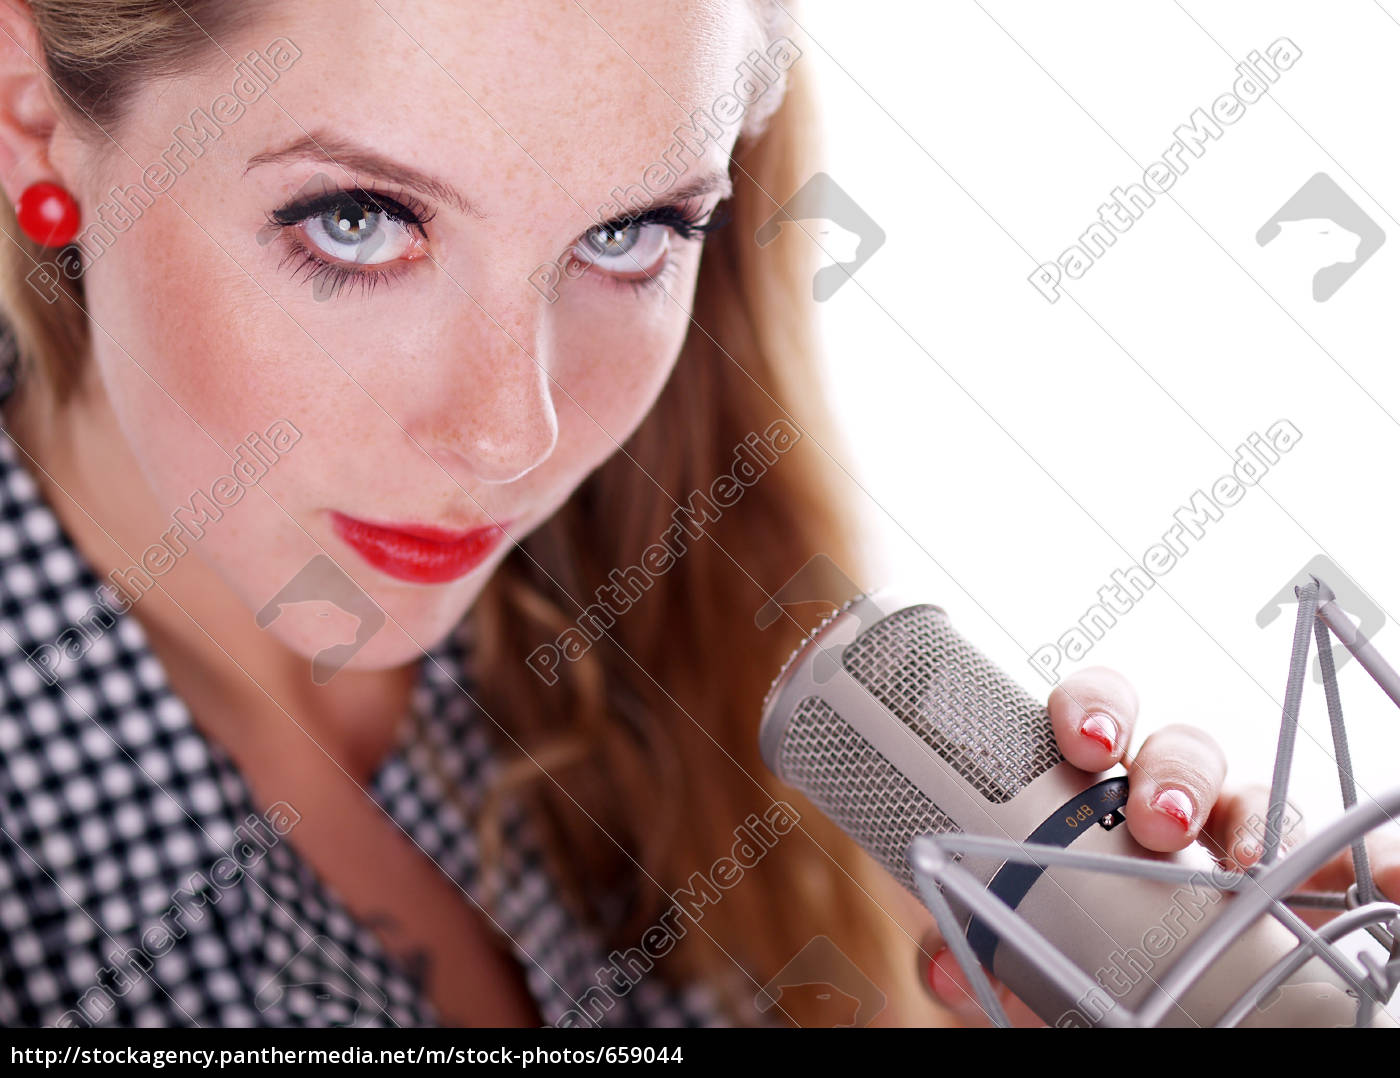 singer - 659044